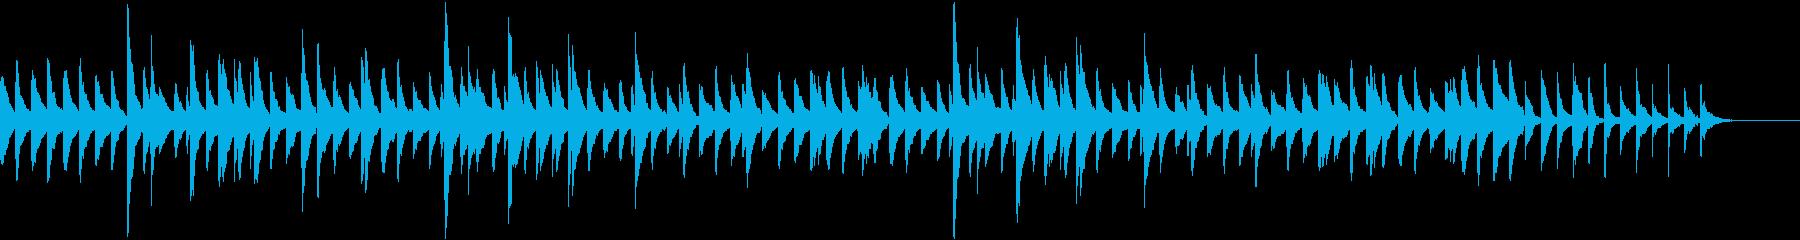 サティっぽいピアノ曲の再生済みの波形